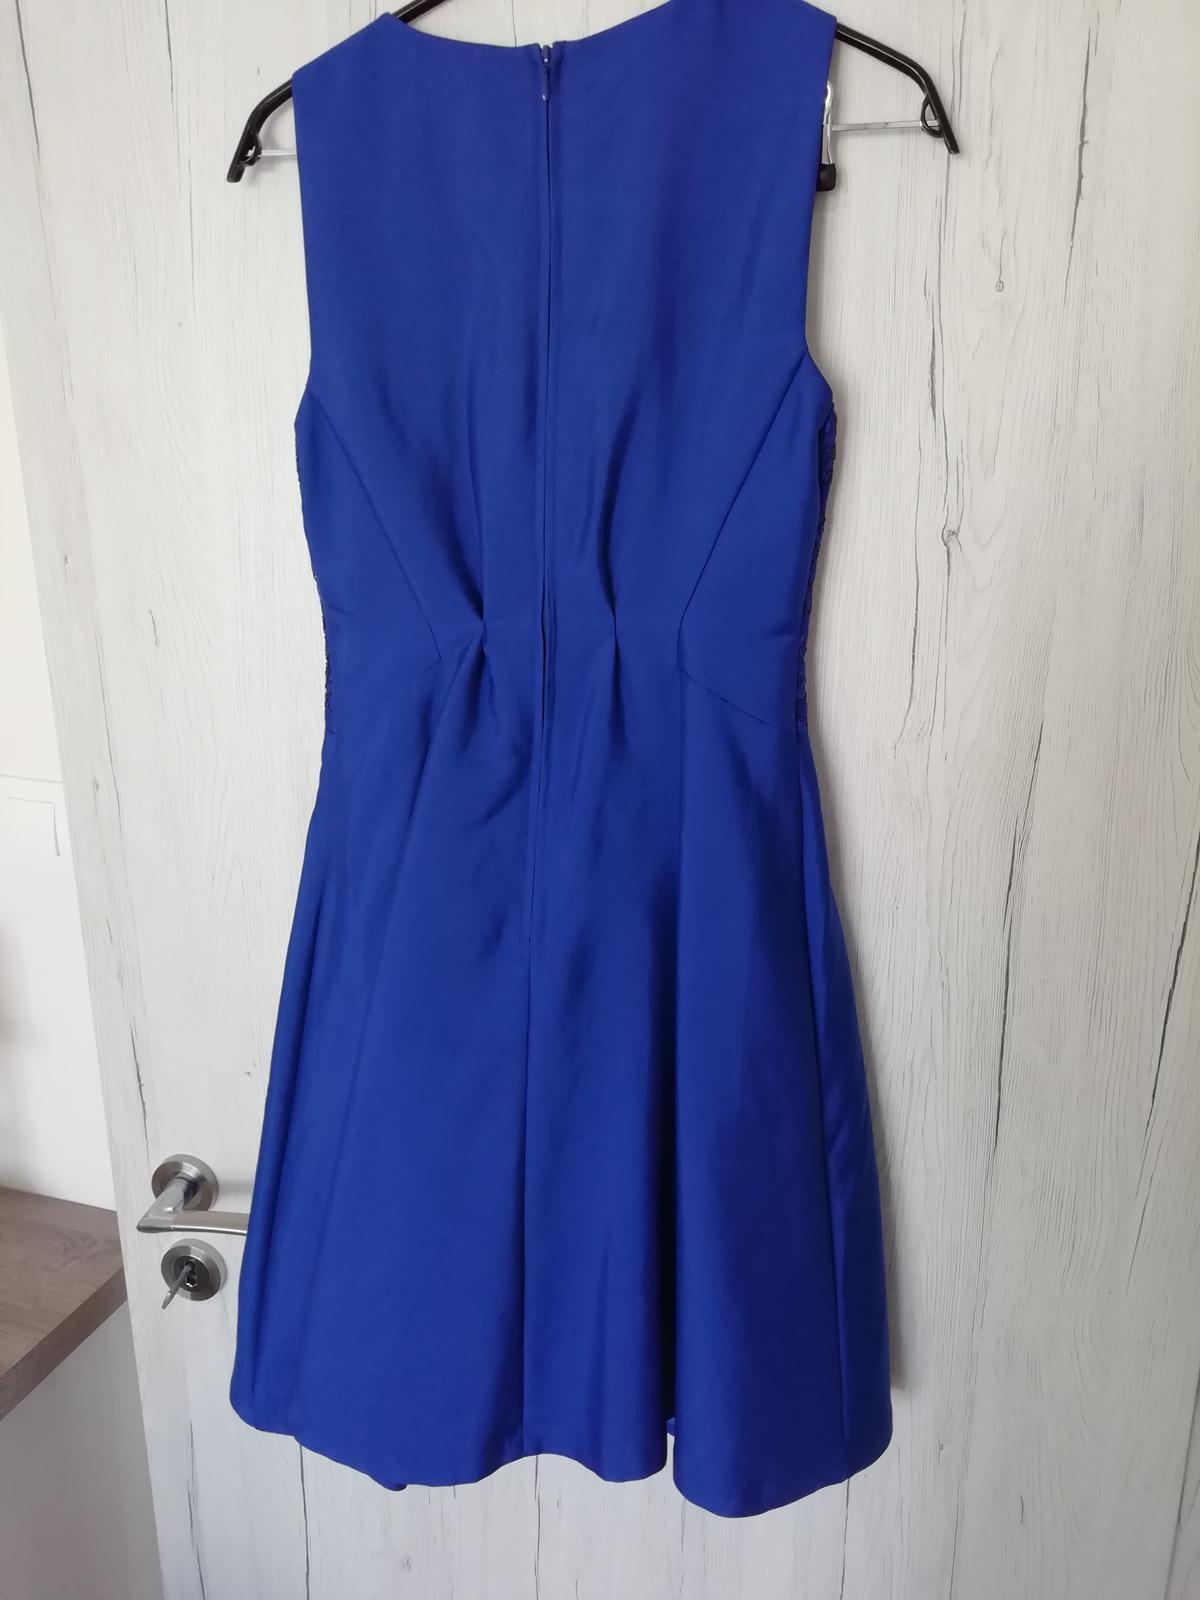 Orsay šaty XS/34 - Obrázok č. 2